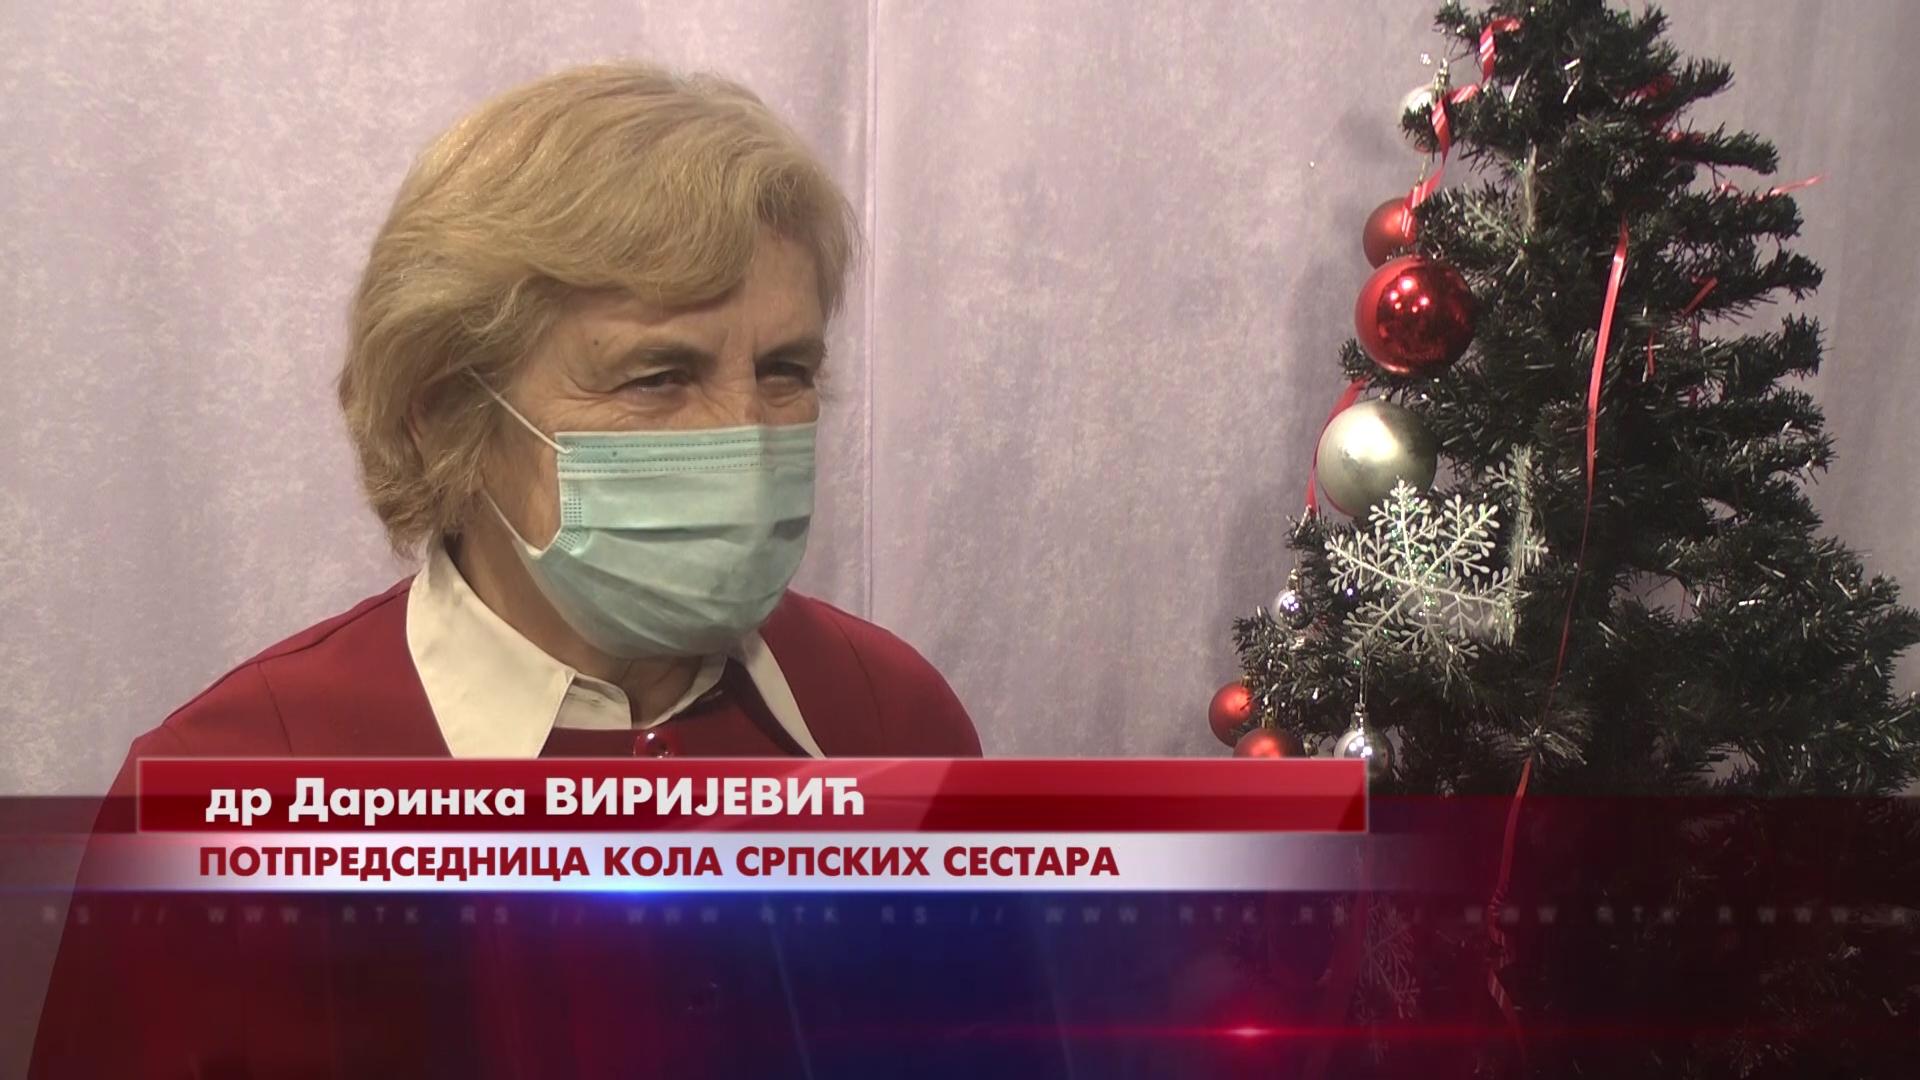 Kolo srpskih sestara povodom pravoslavnih i porodičnih praznika organizovalo više aktivnosti